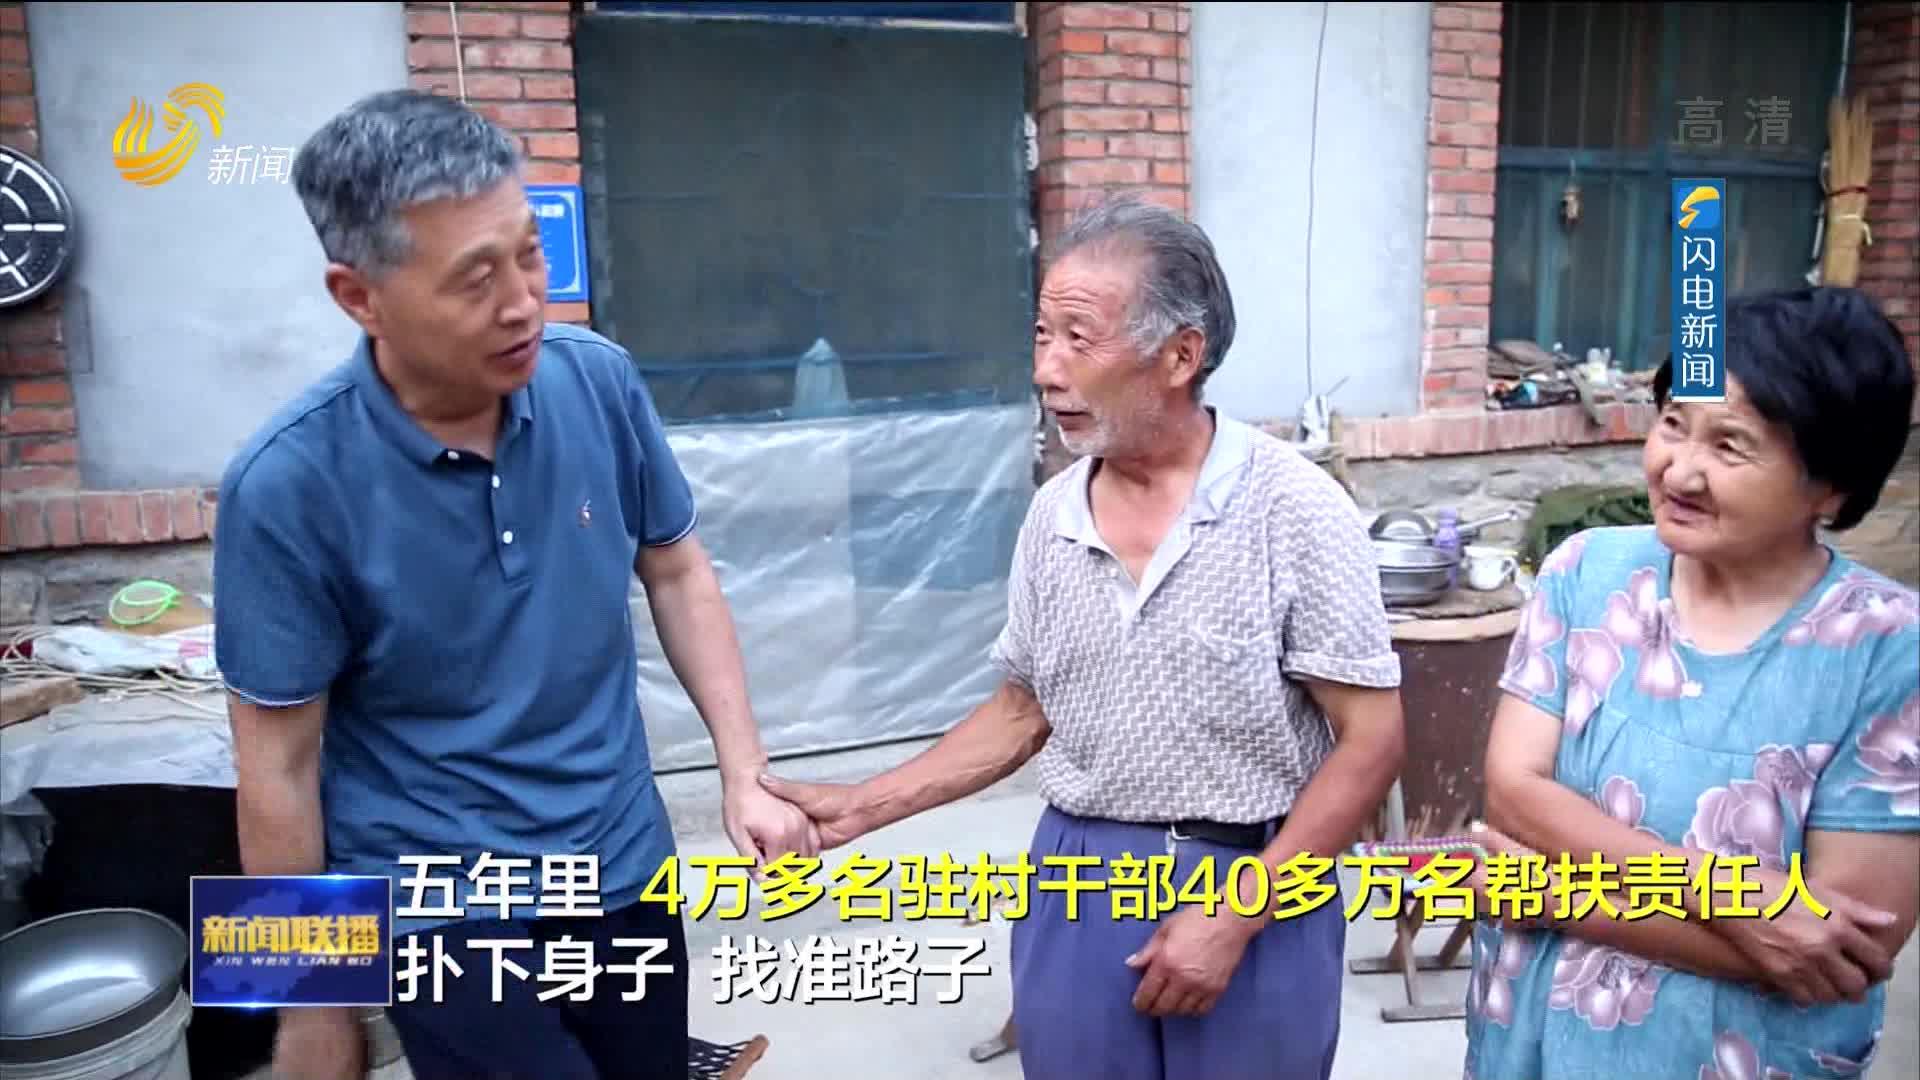 【脱贫攻坚 全面胜利】微视频:最美的约定